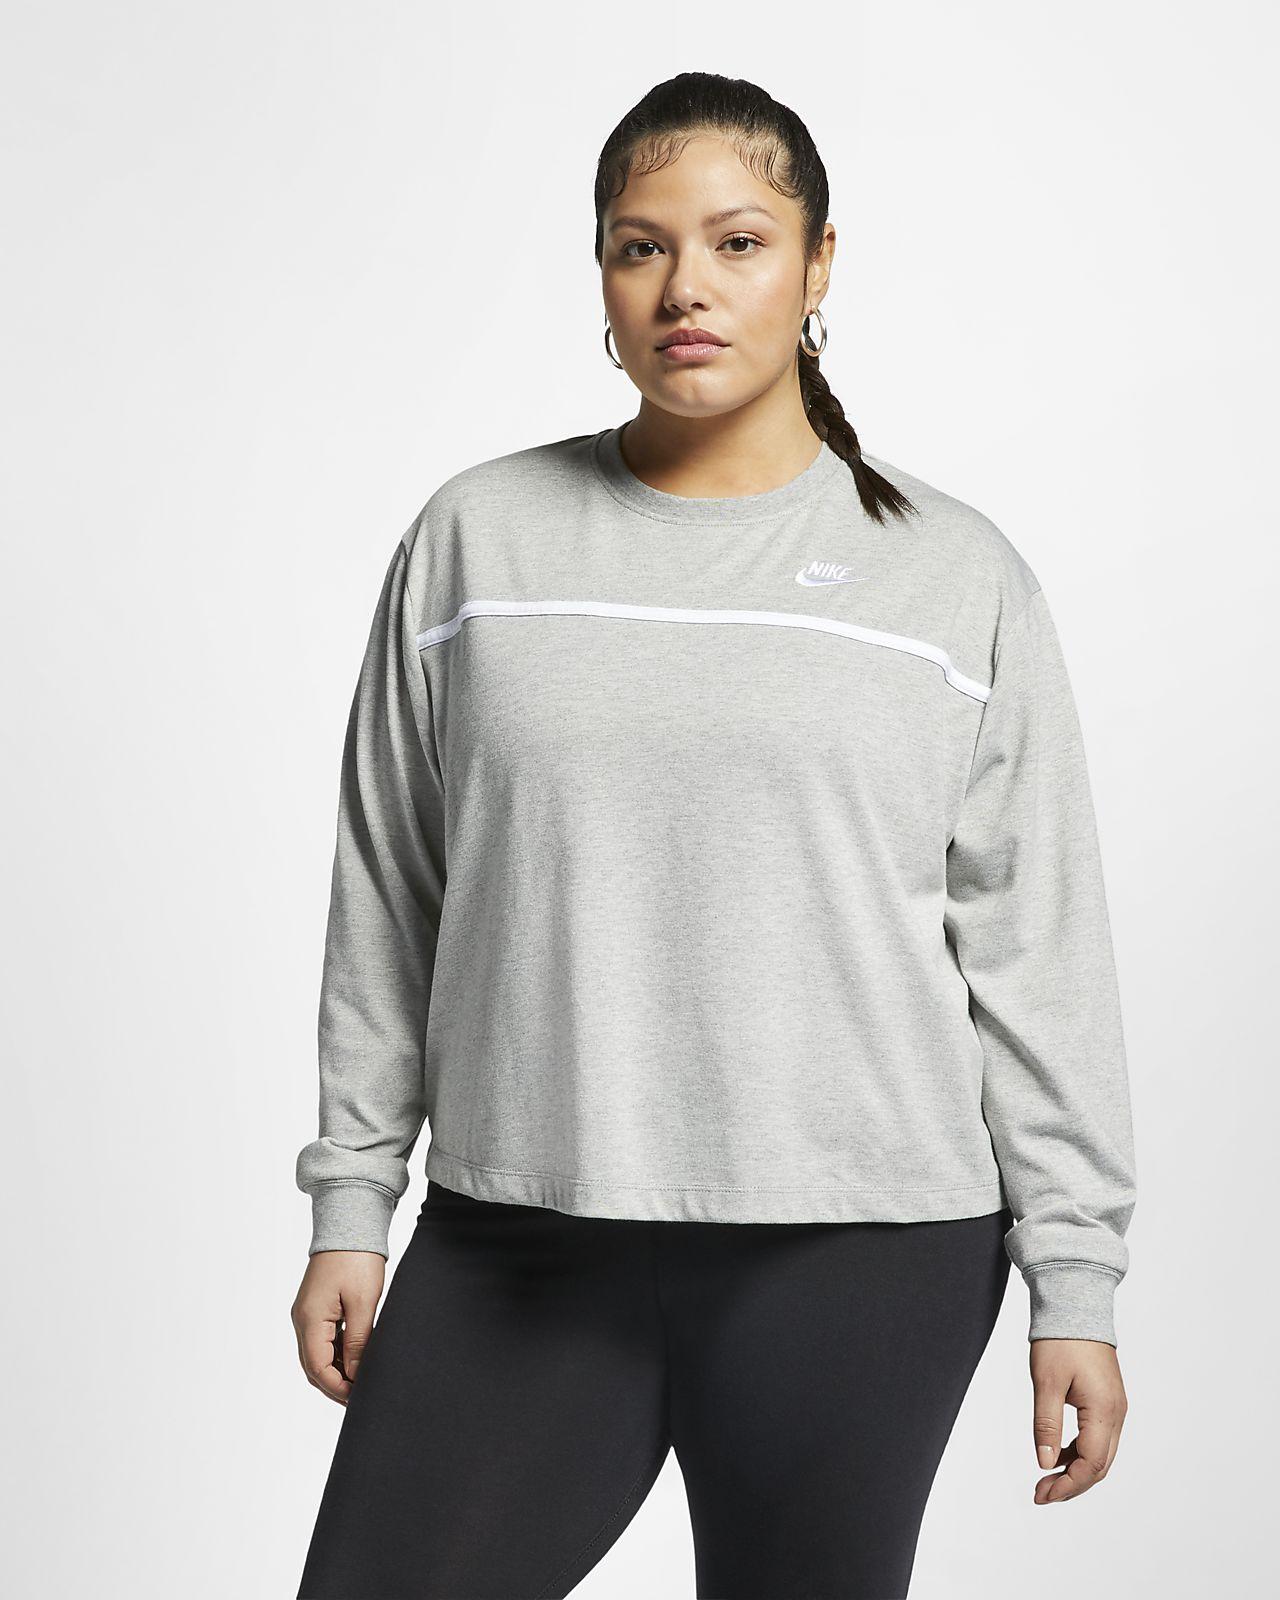 Nike Sportswear Women's Jersey Crew (Plus Size)